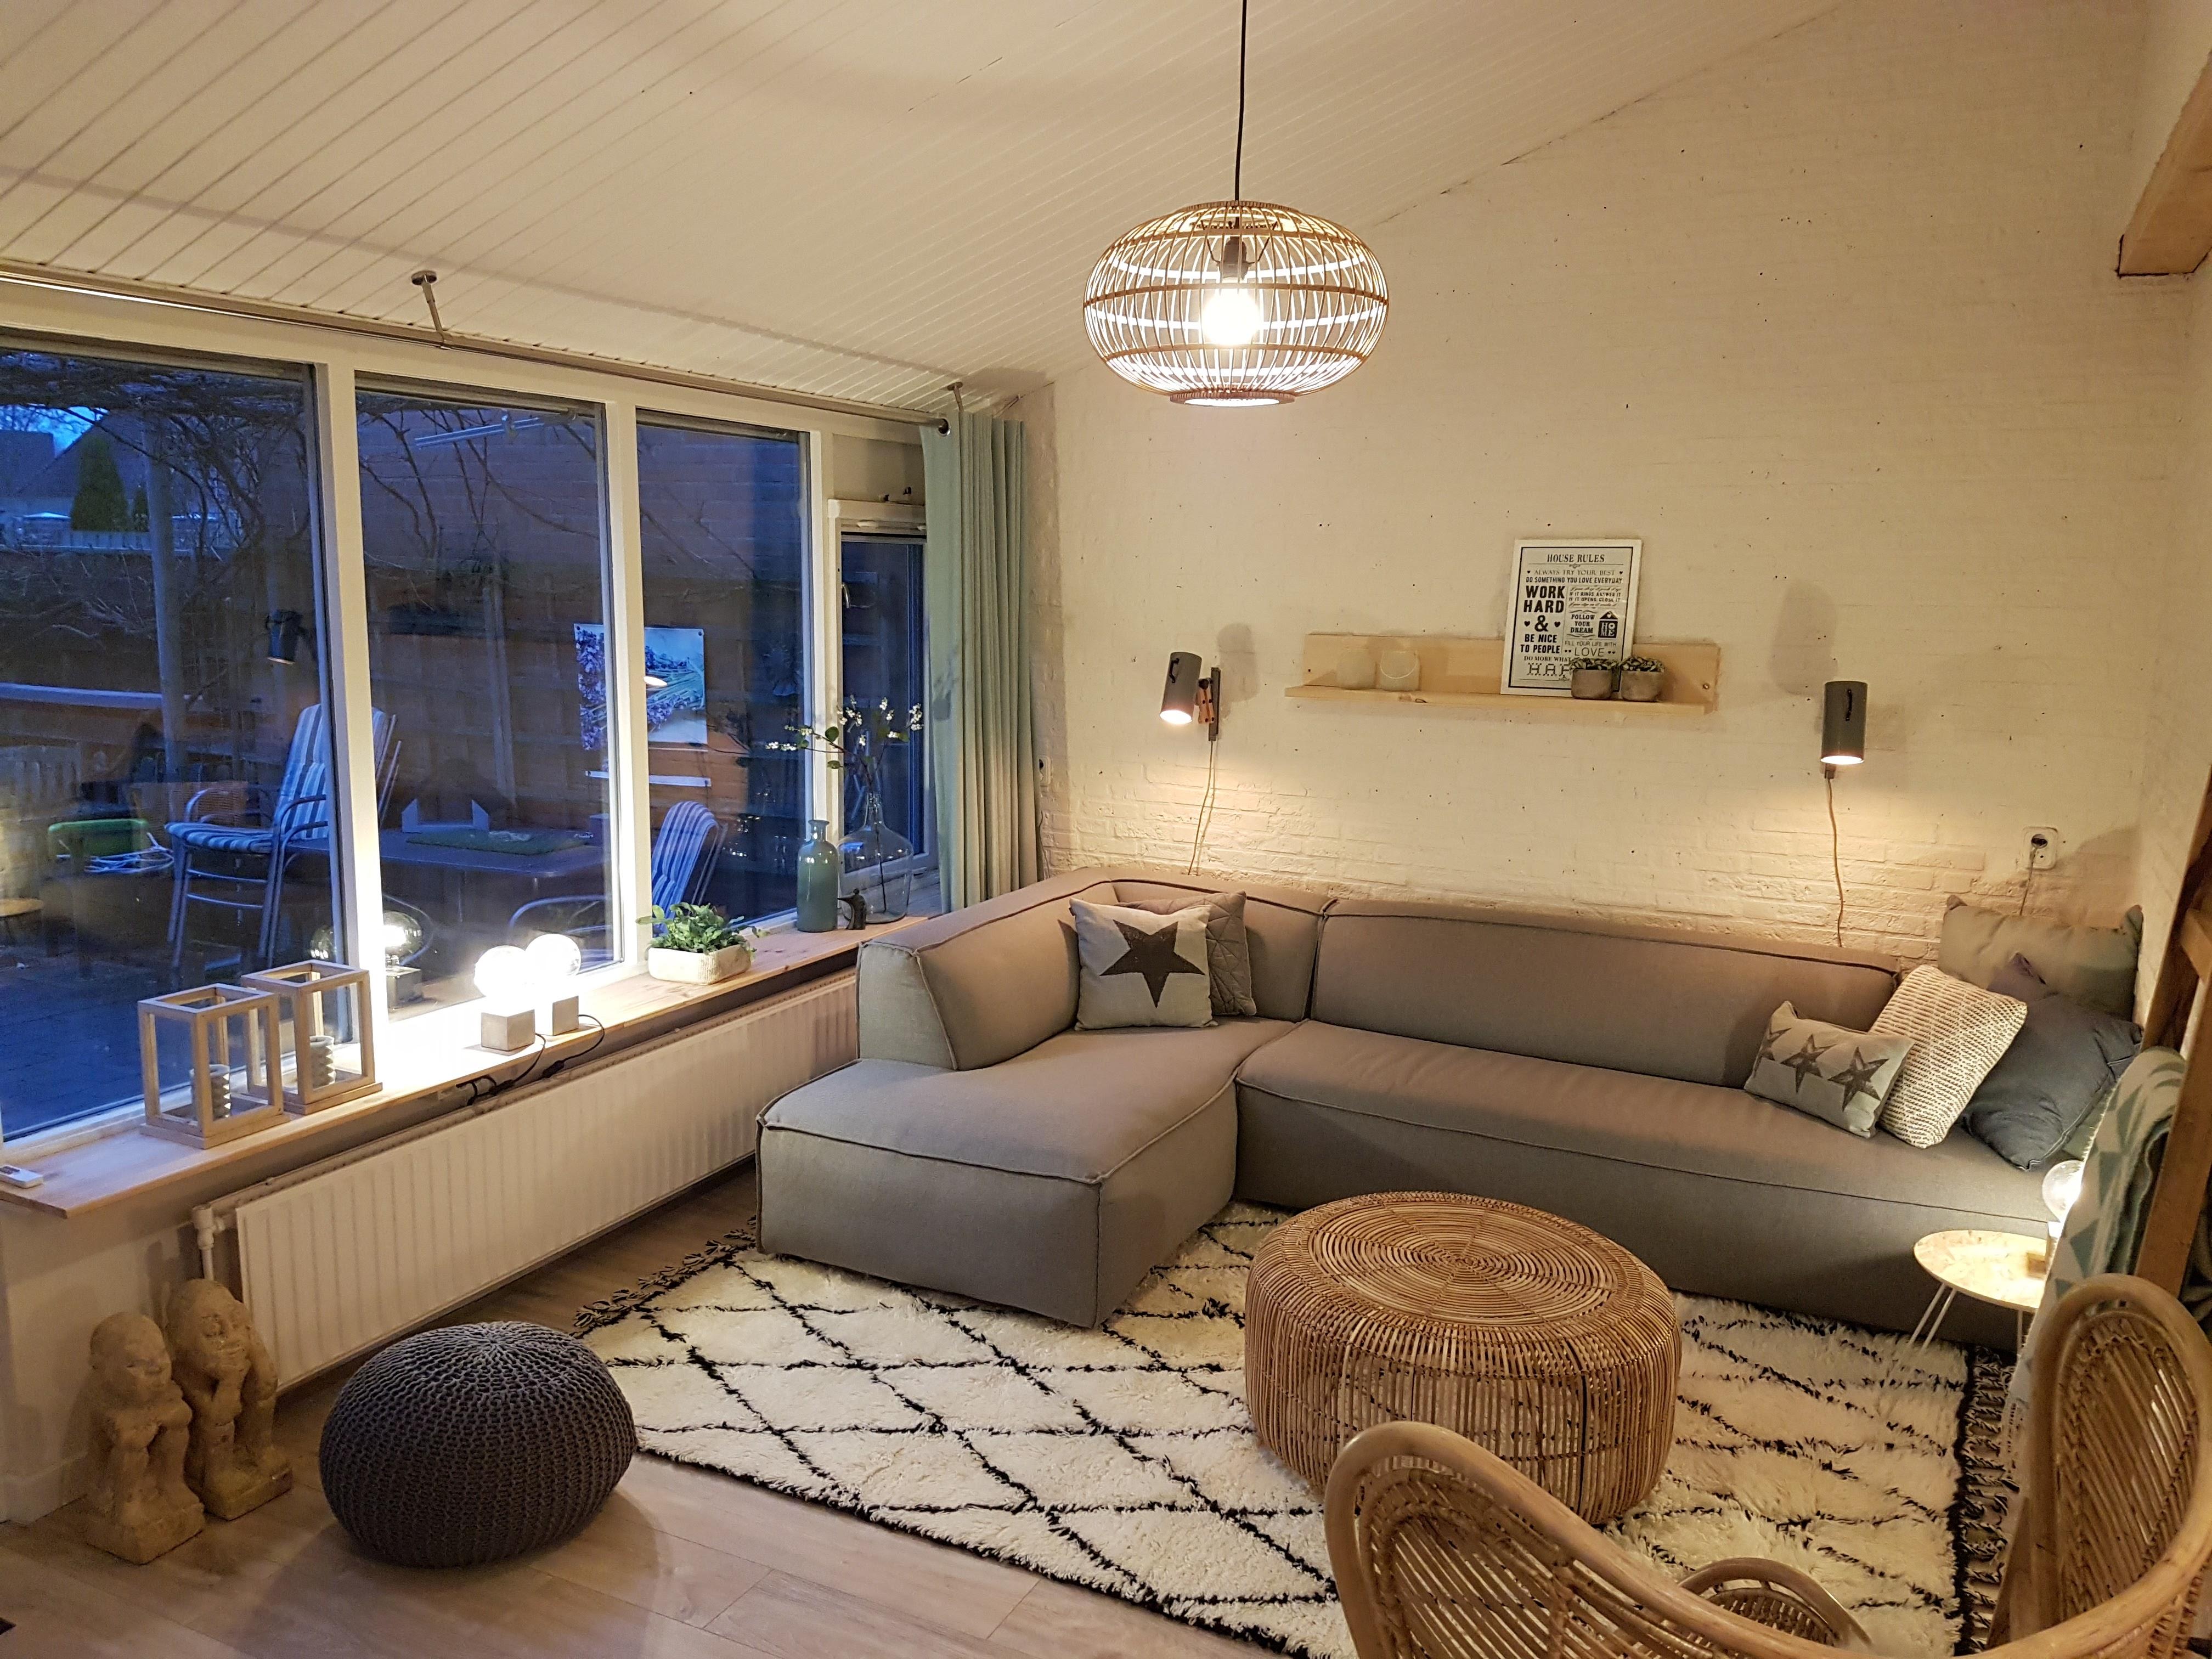 Eethoek In Woonkamer : Herinrichting woonkamer en eethoek sandra s interieurstyling